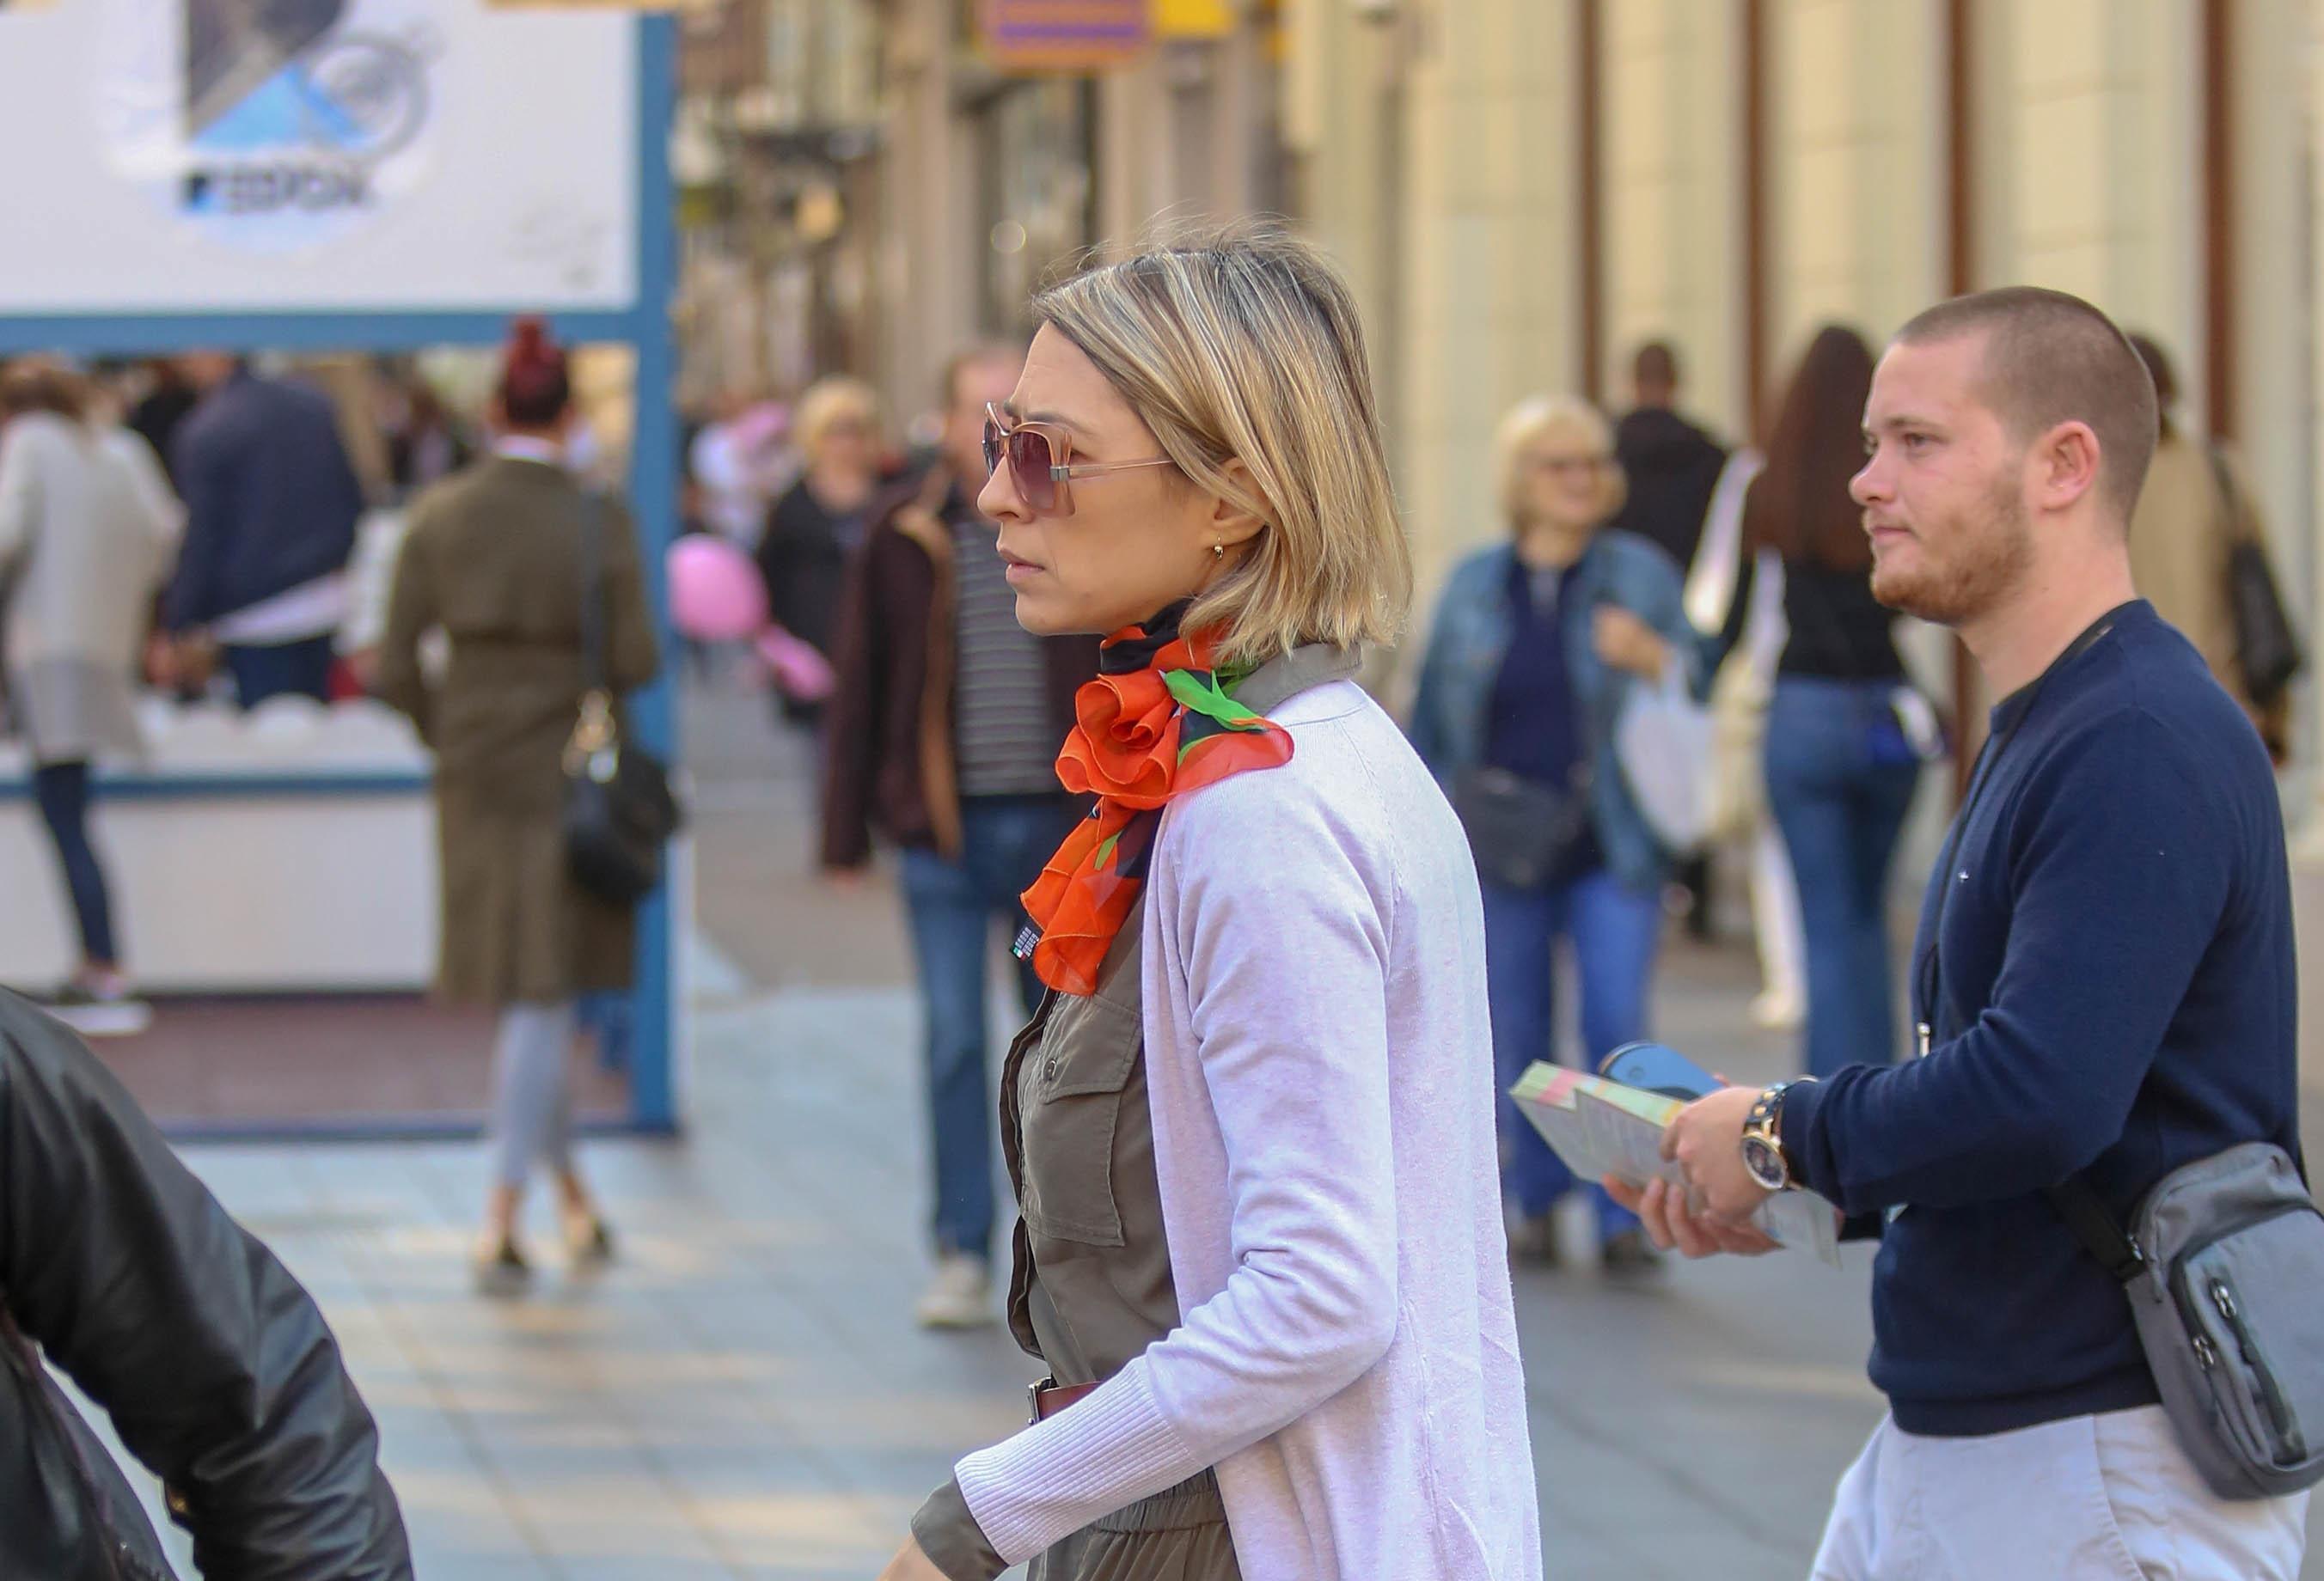 S najpopularnijim uzorkom: Cipele ove divne dame sa zagrebačke špice najbolji su dio stylinga!